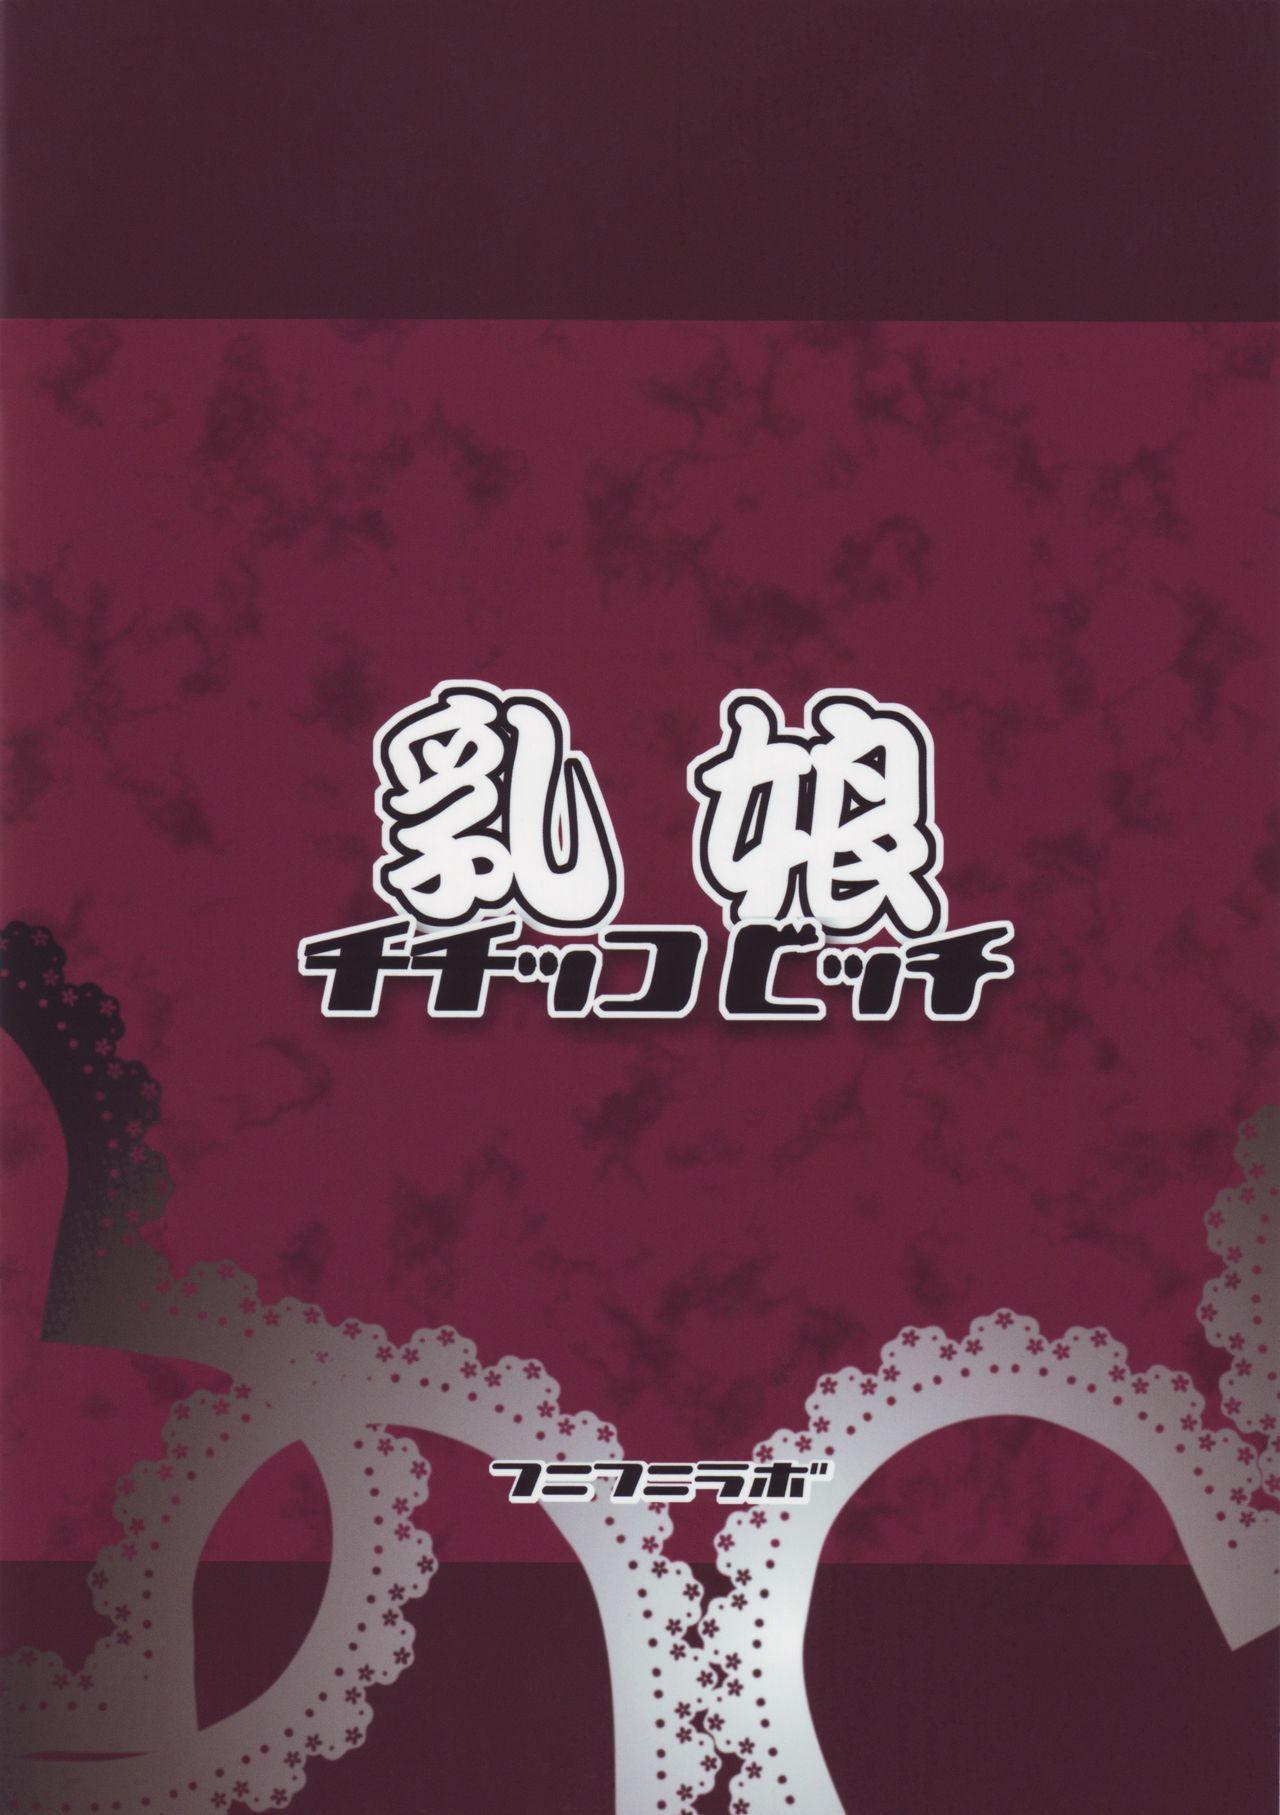 Chichikko bitch hentai manga picture 26